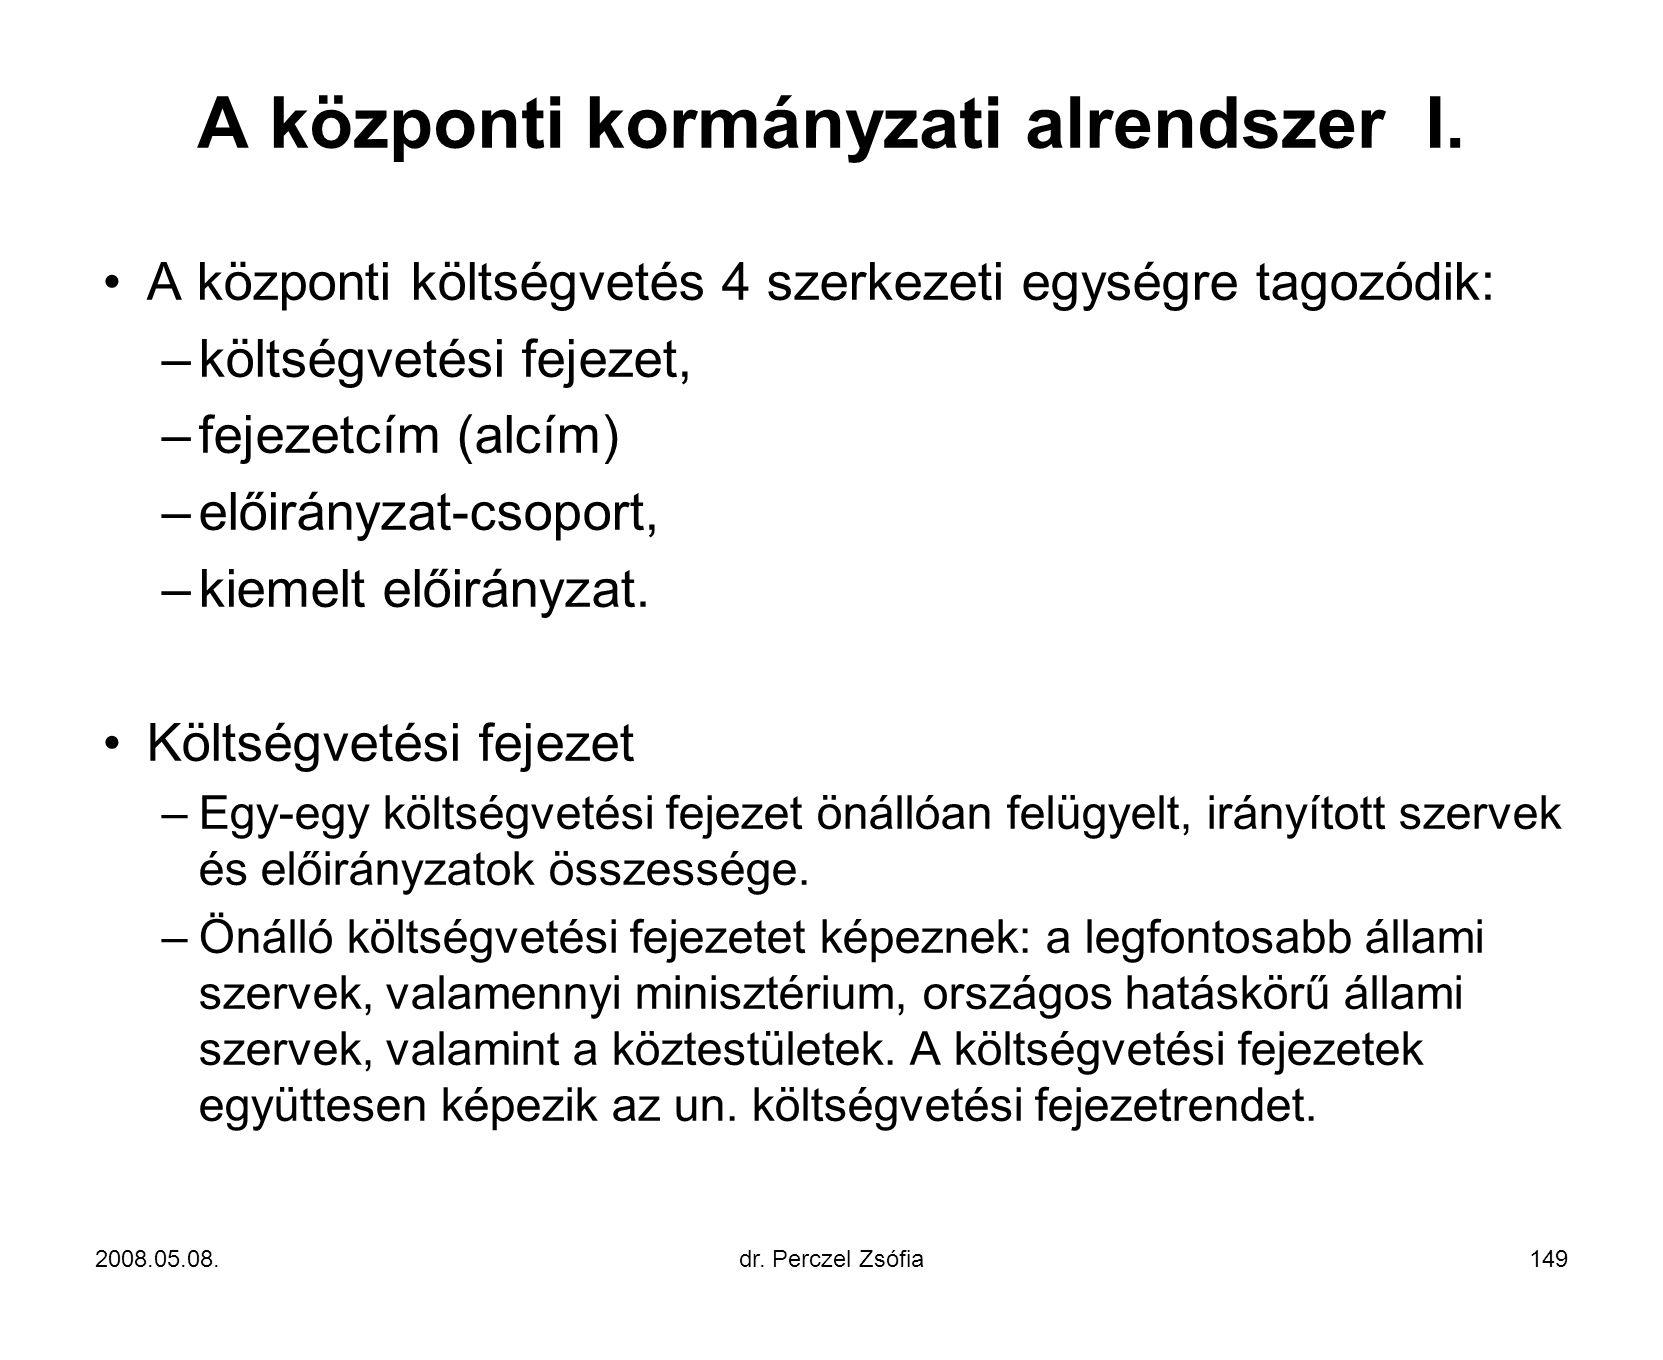 A központi kormányzati alrendszer I.